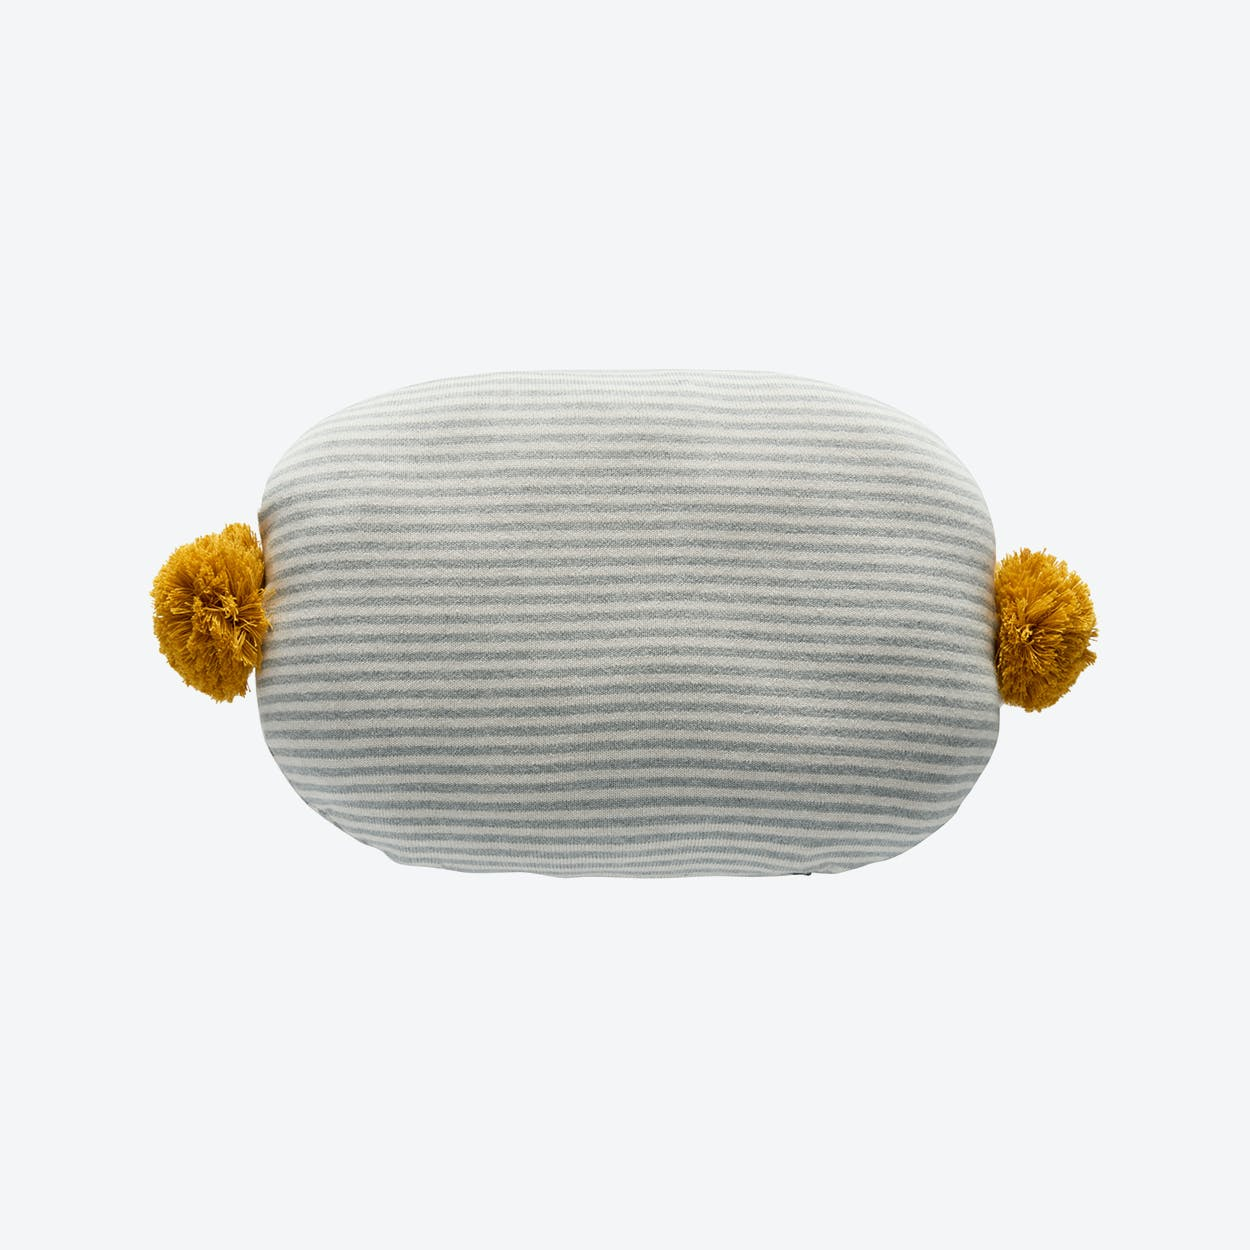 Bonbon Cushion in Light Grey/White/Bamboo